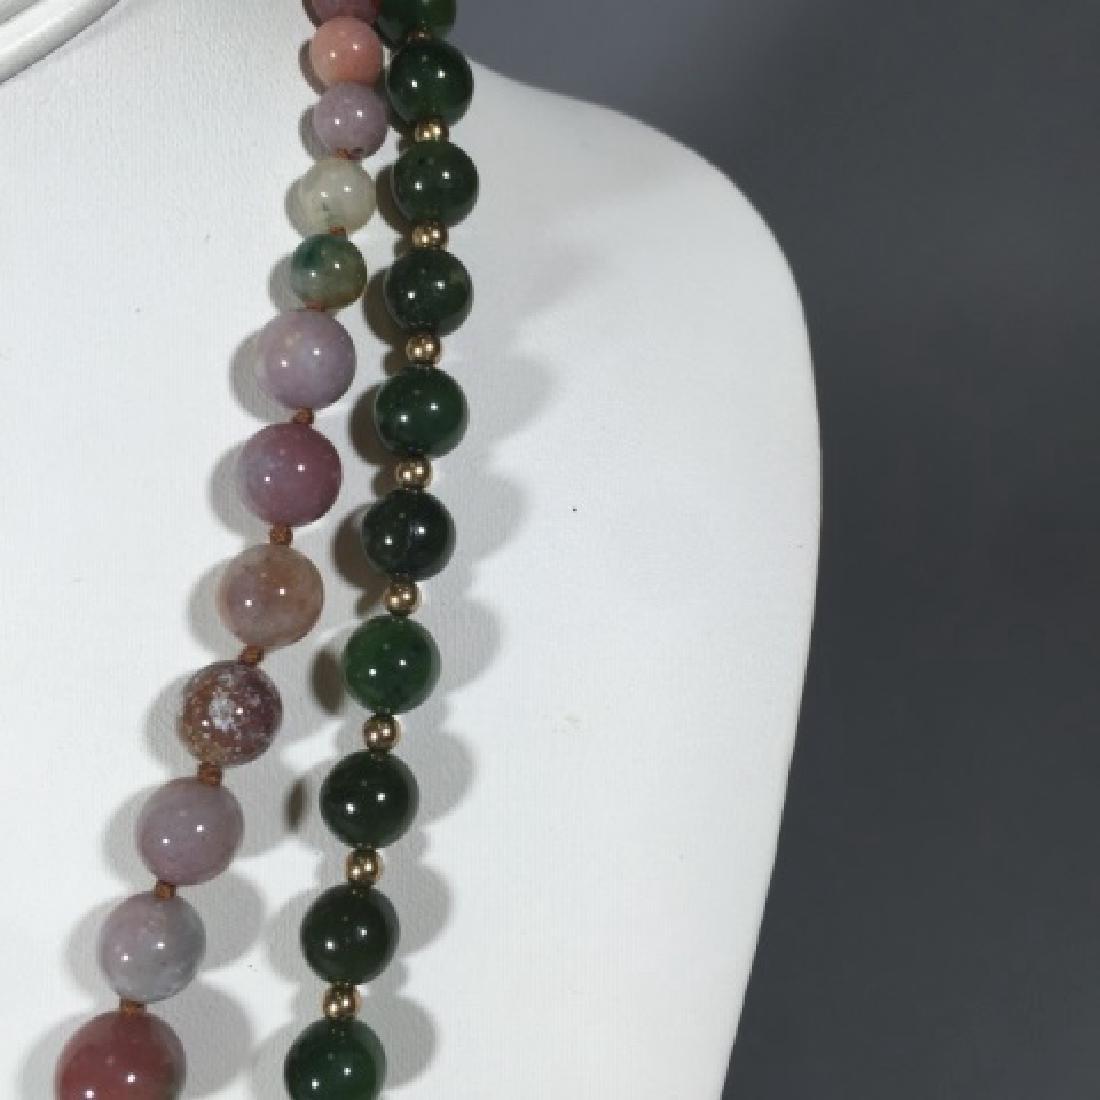 Vintage Green Jade & Agate Necklace Strands - 2